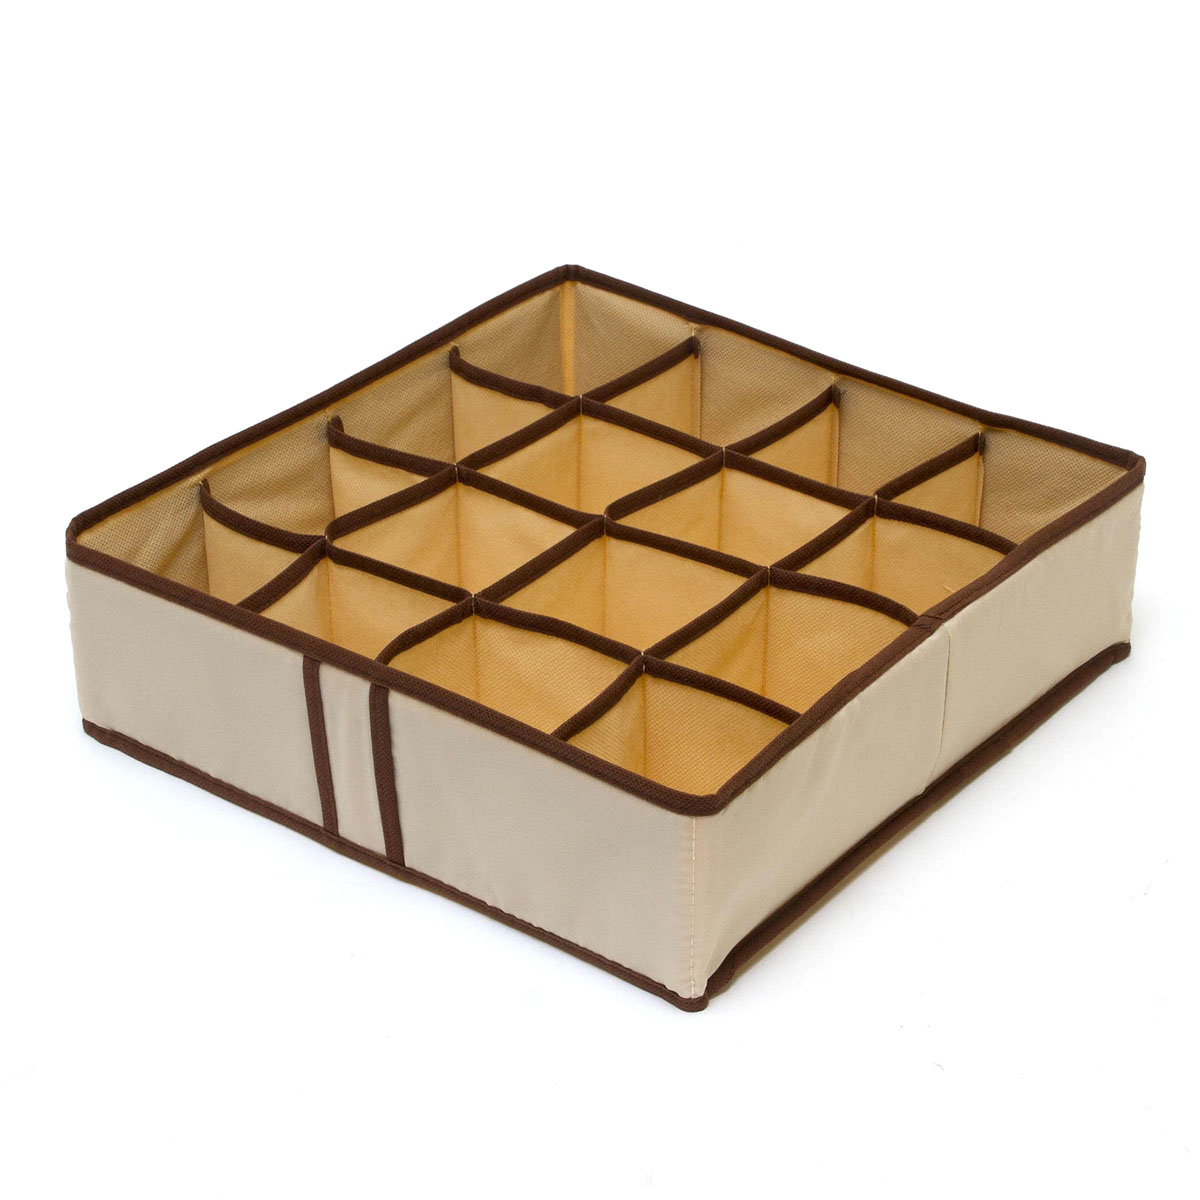 Органайзер для хранения вещей Homsu Bora-Bora, 16 секций, 35 x 35 x 10 смHOM-27Компактный складной органайзер Homsu Bora-Bora изготовлен из высококачественного полиэстера, который обеспечивает естественную вентиляцию. Материал позволяет воздуху свободно проникать внутрь, но не пропускает пыль. Органайзер отлично держит форму, благодаря вставкам из плотного картона. Изделие имеет 16 квадратных секций для хранения нижнего белья, колготок, носков и другой одежды.Такой органайзер позволит вам хранить вещи компактно и удобно.